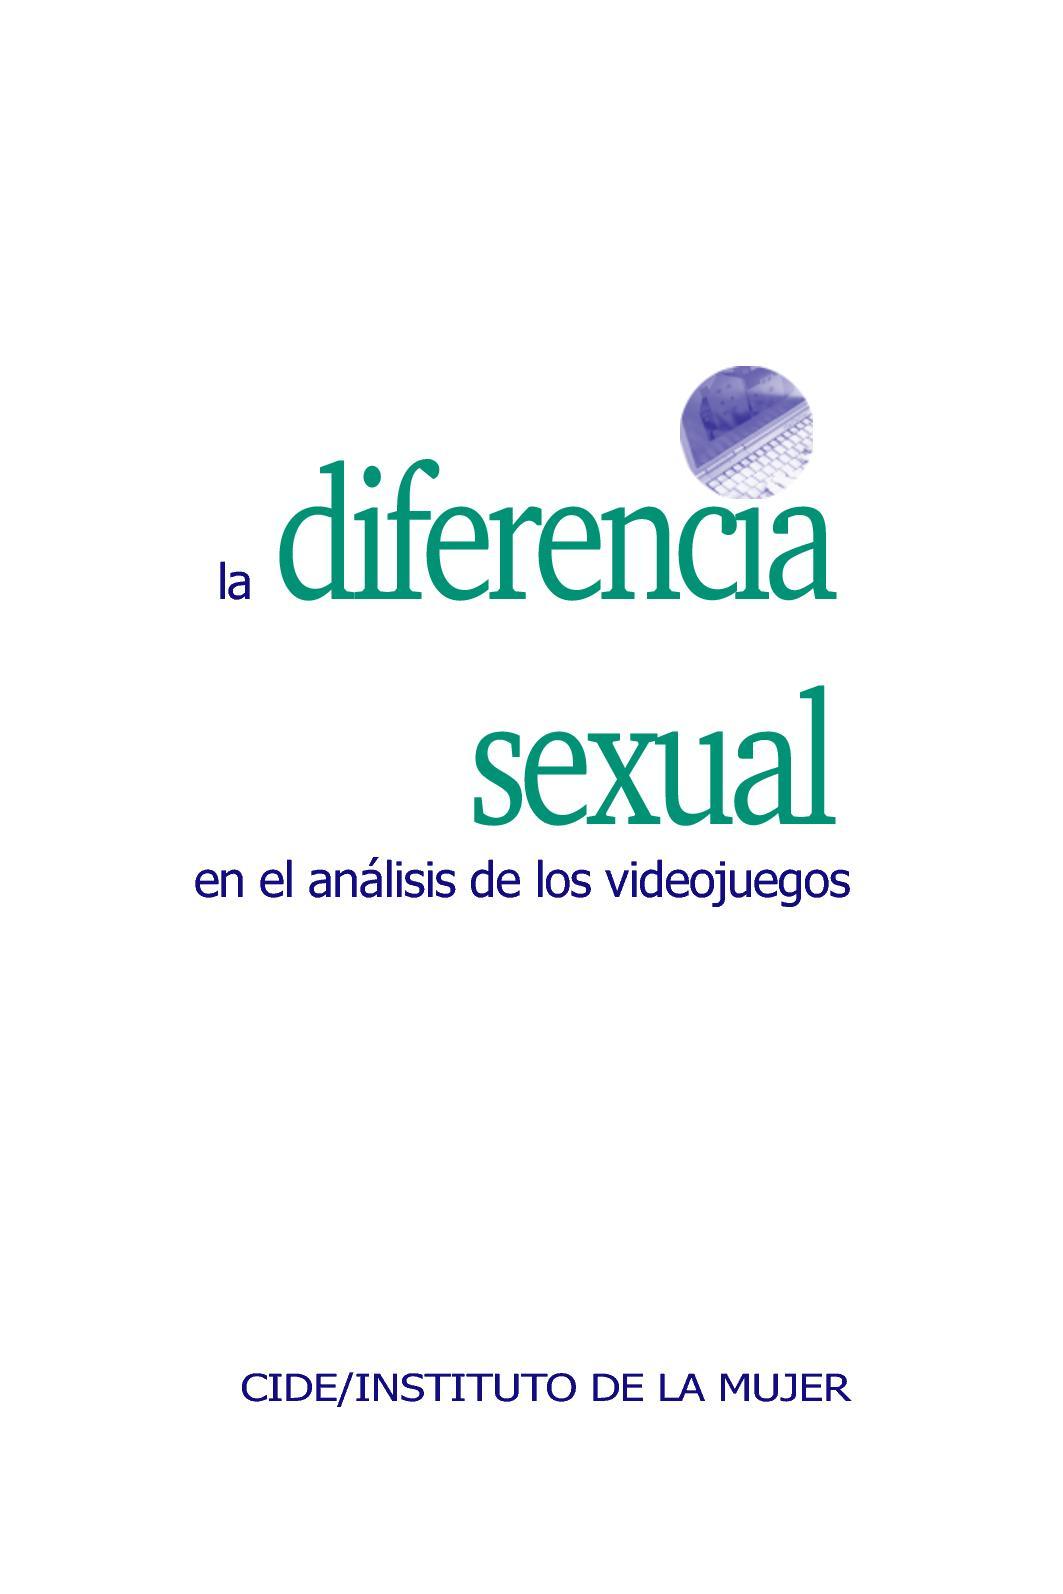 pozo del lobo porno juegos videos ligar con maduritas sexo porno puritanas contacto gays